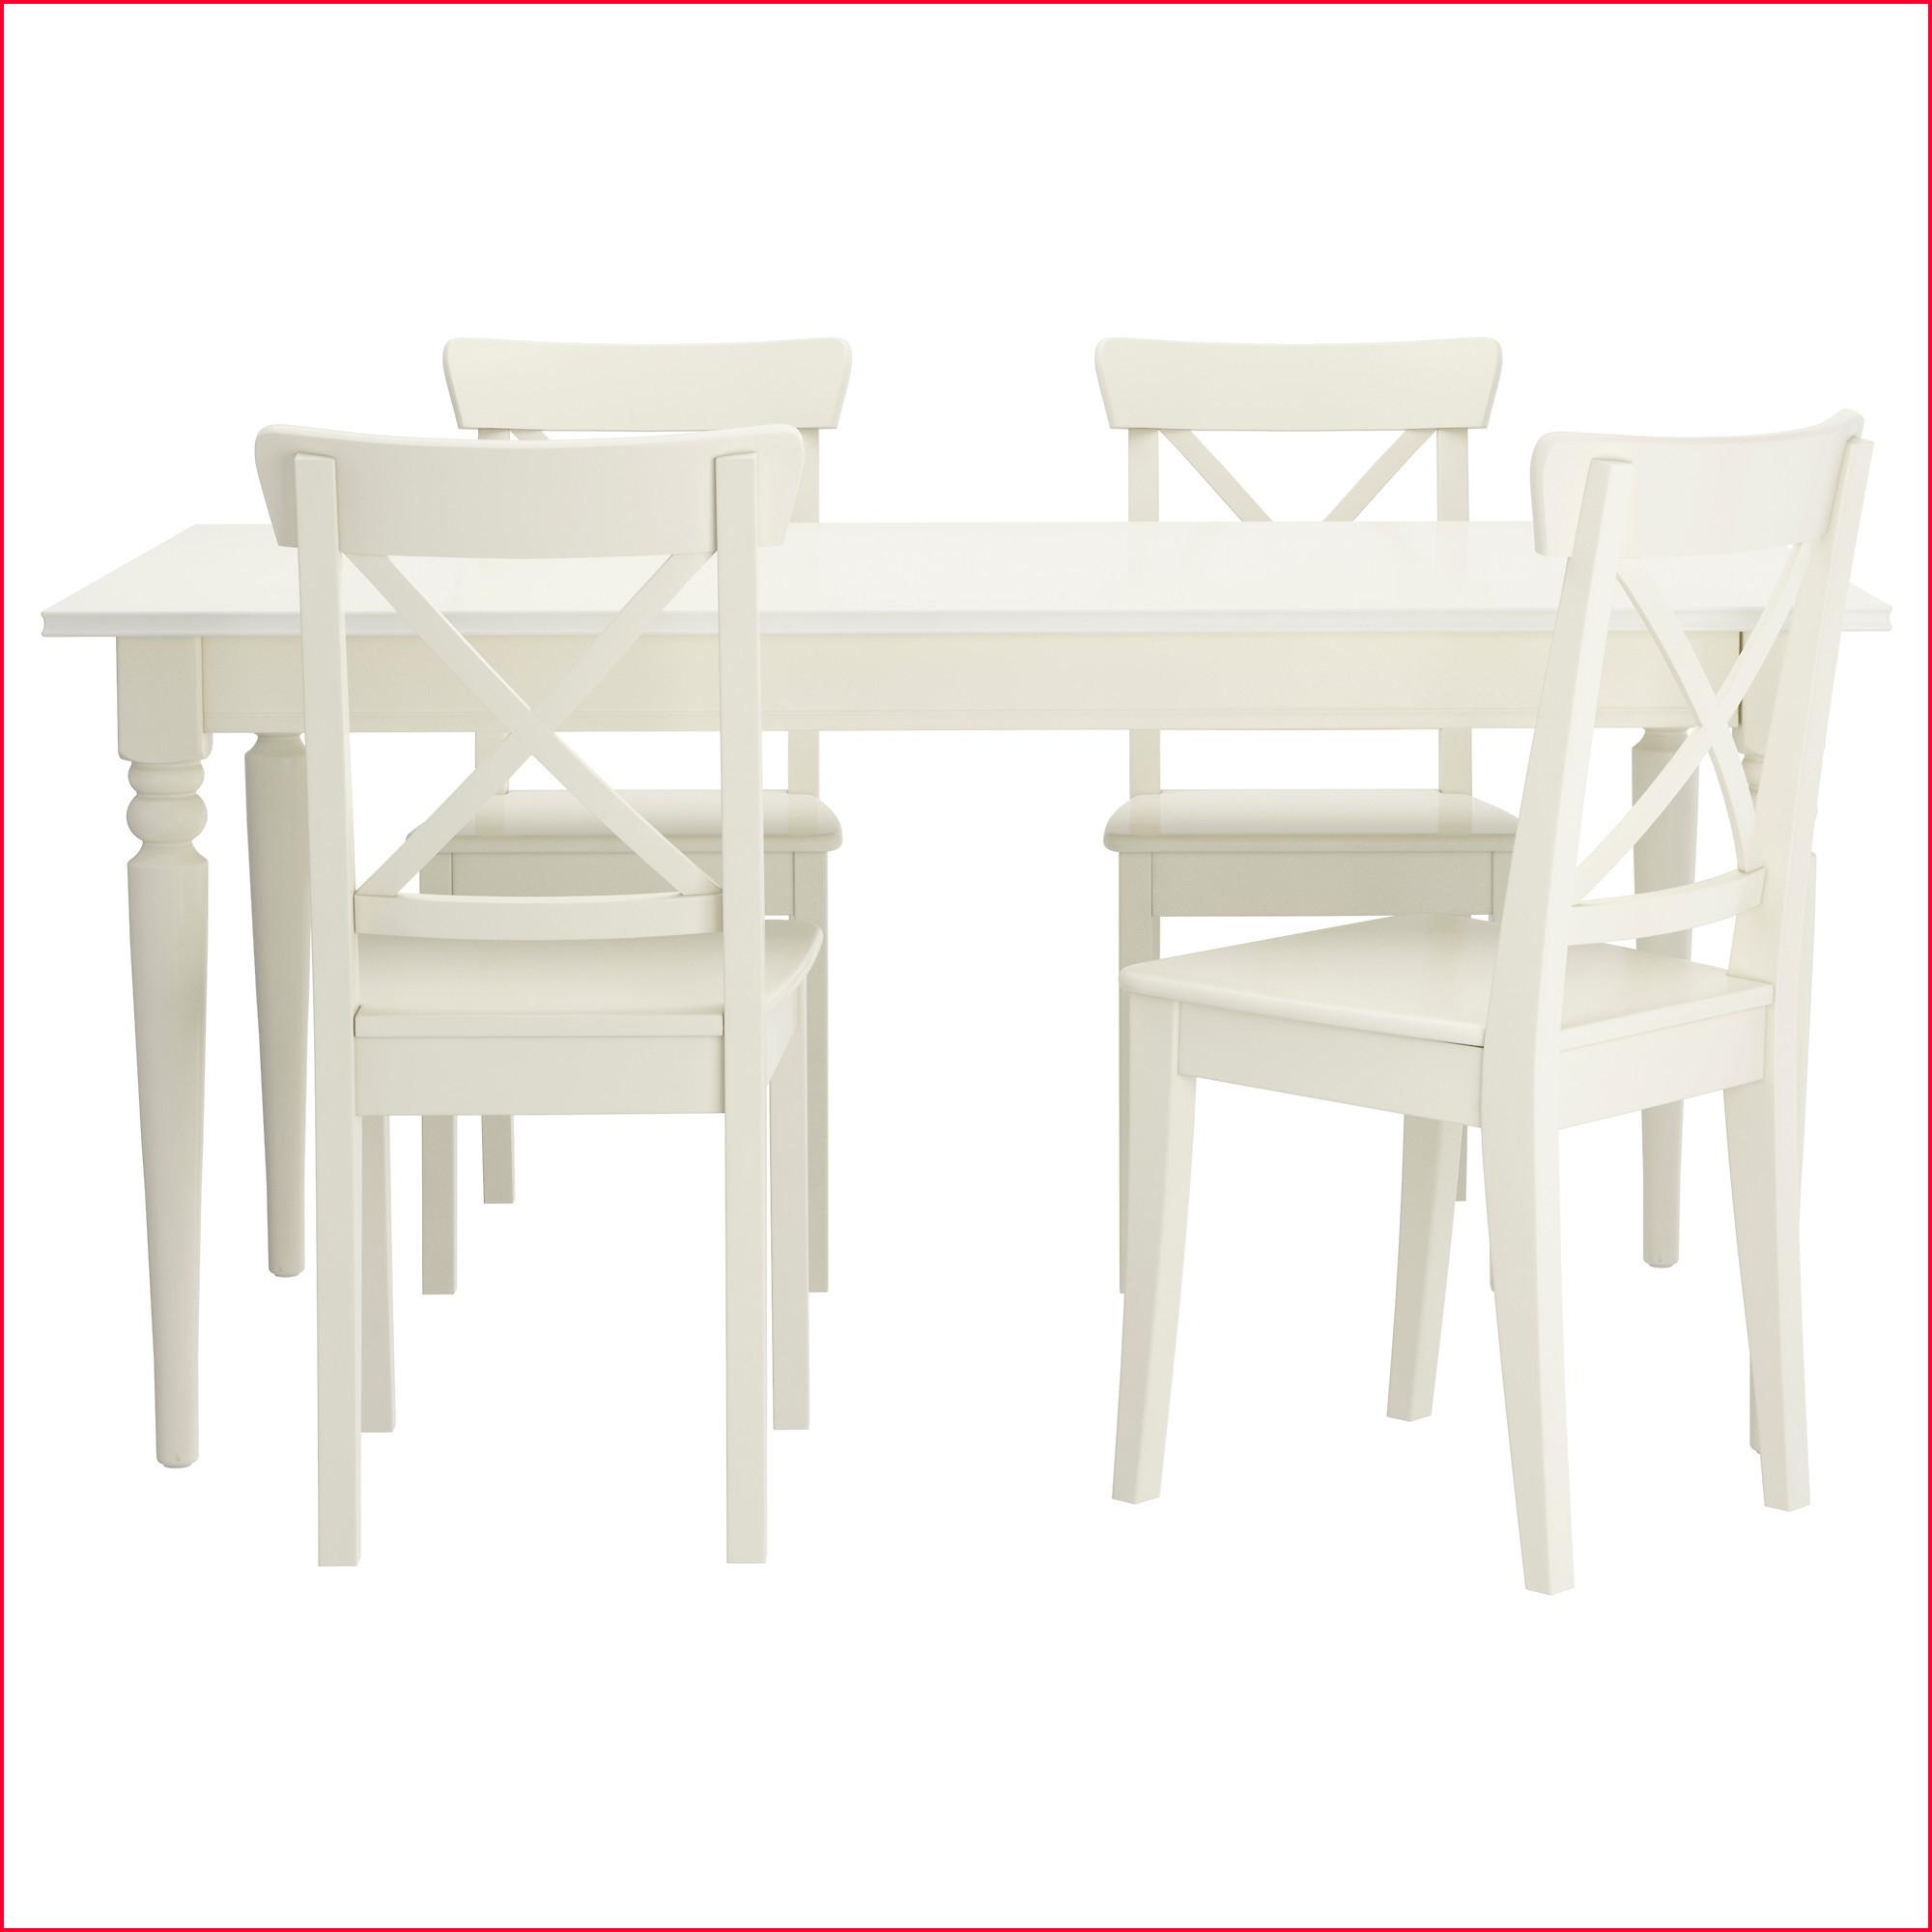 Sillas De Mesa Ikea Fmdf Y Yfg6yb7v Cocina Mesas rsxQtCdh